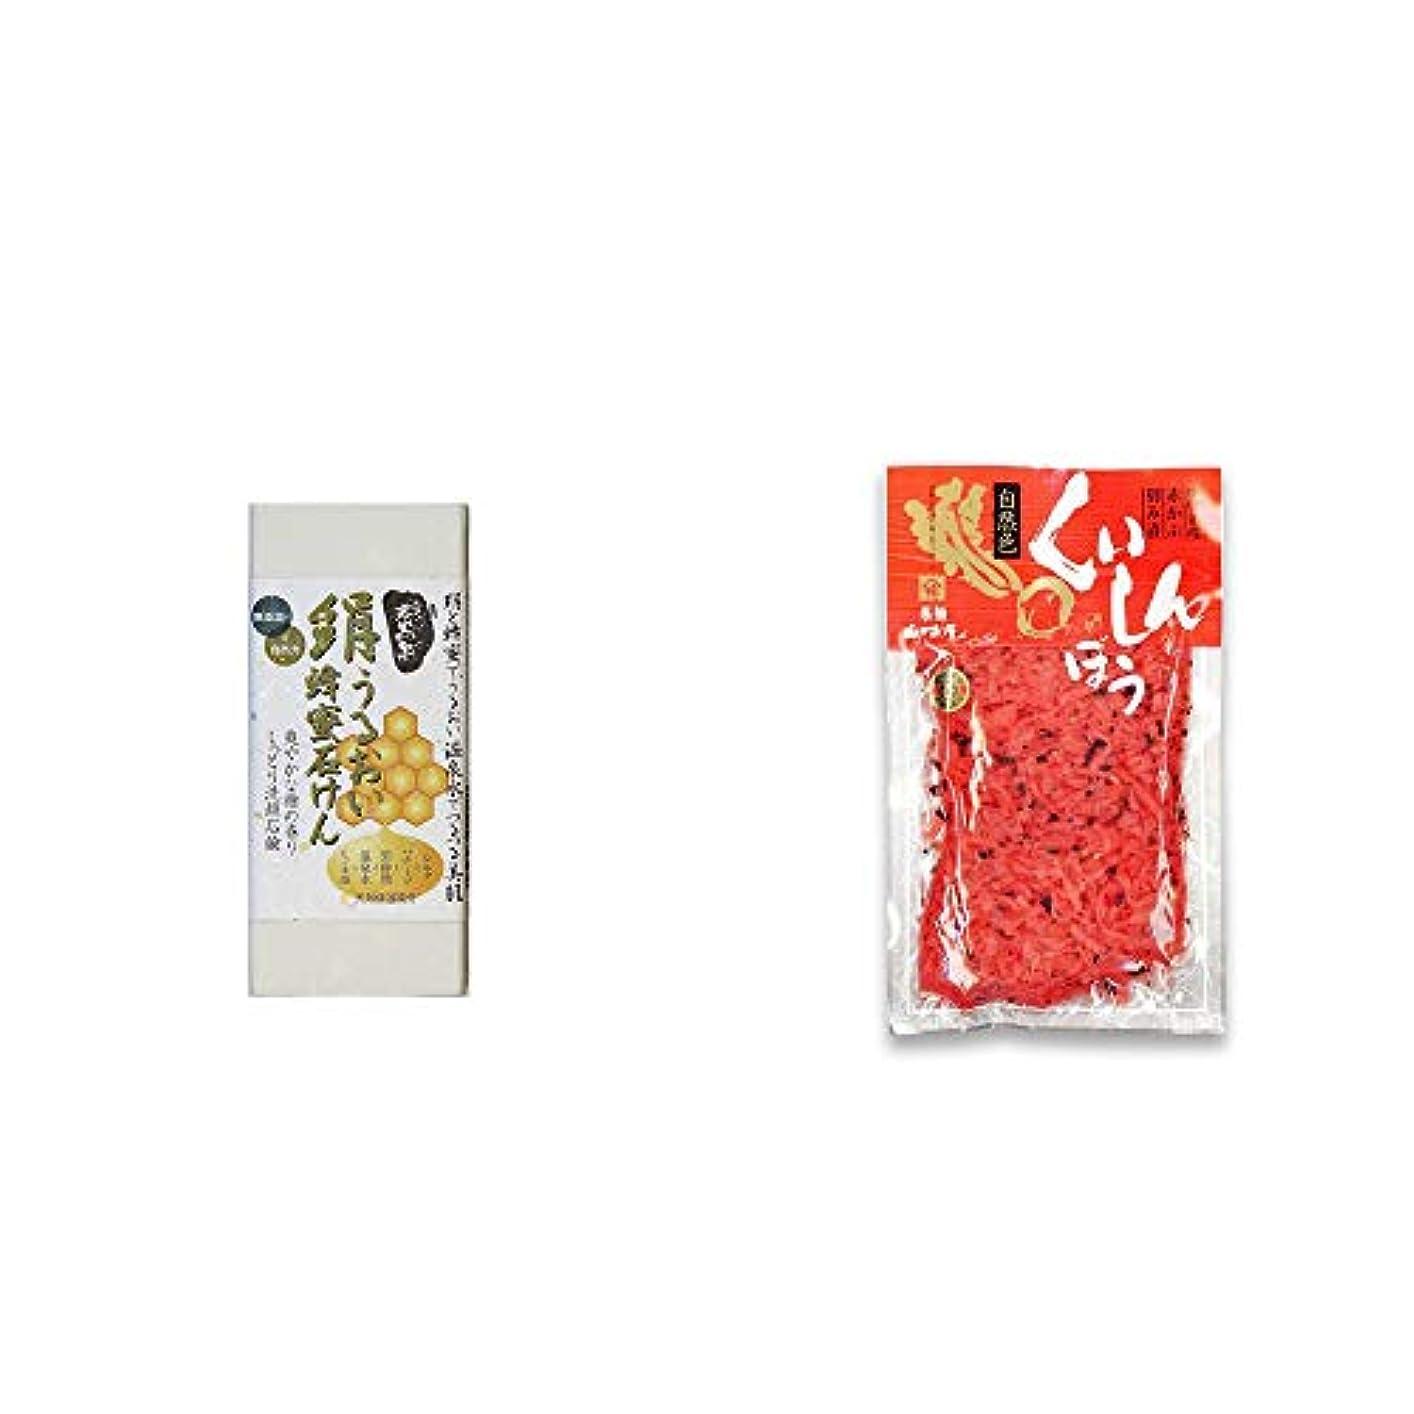 消毒剤わな不透明な[2点セット] ひのき炭黒泉 絹うるおい蜂蜜石けん(75g×2)?飛騨山味屋 くいしんぼう【大】(260g) [赤かぶ刻み漬け]